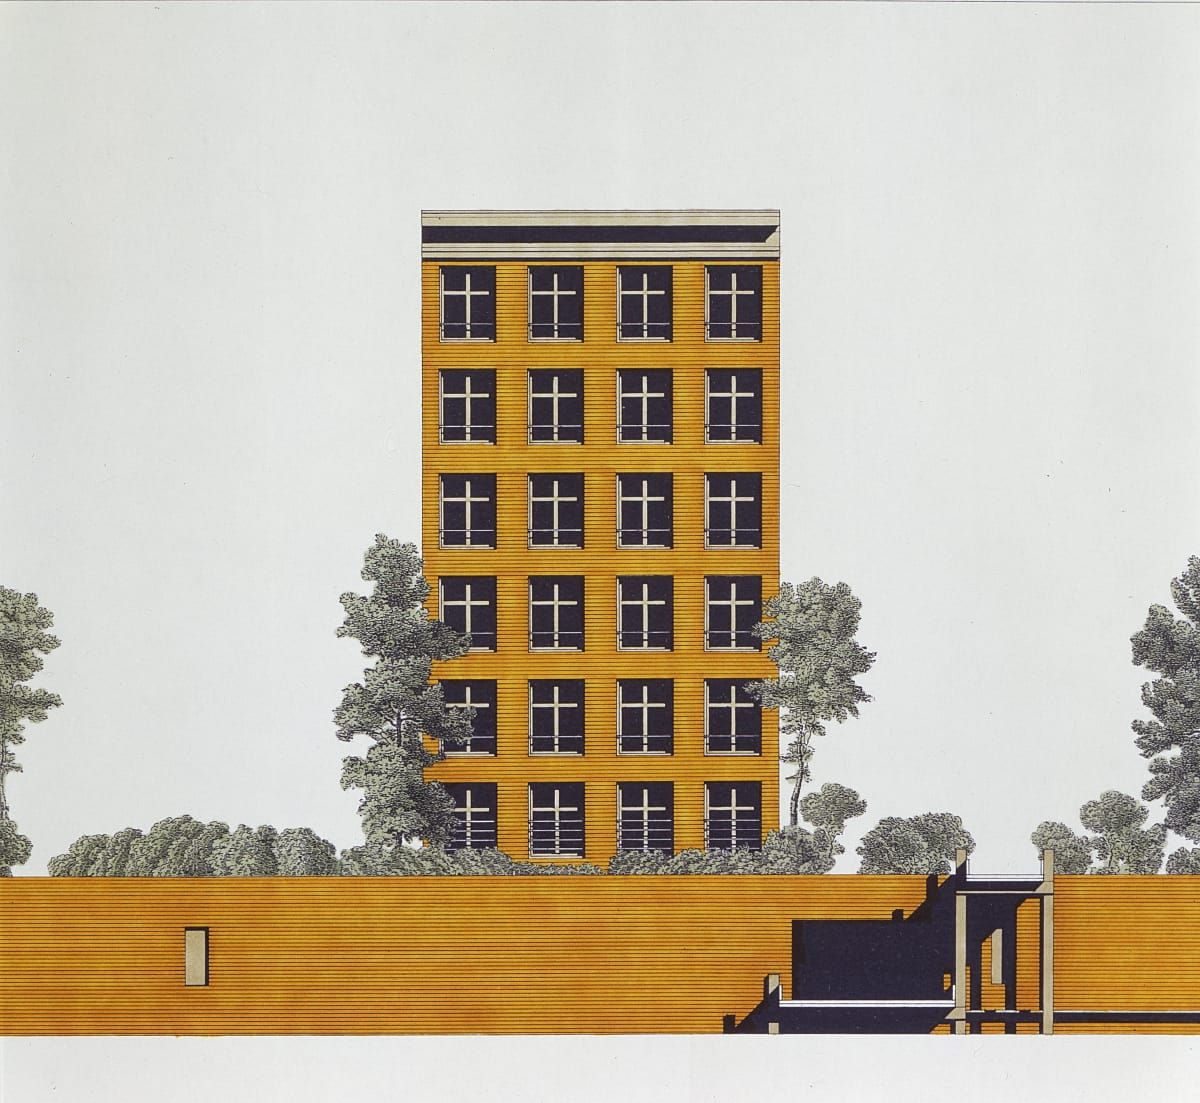 Giorgio Grassi · Artificial Island in Verbindingskanaal in Groningen · CollagesPerspectivePresentationSketches